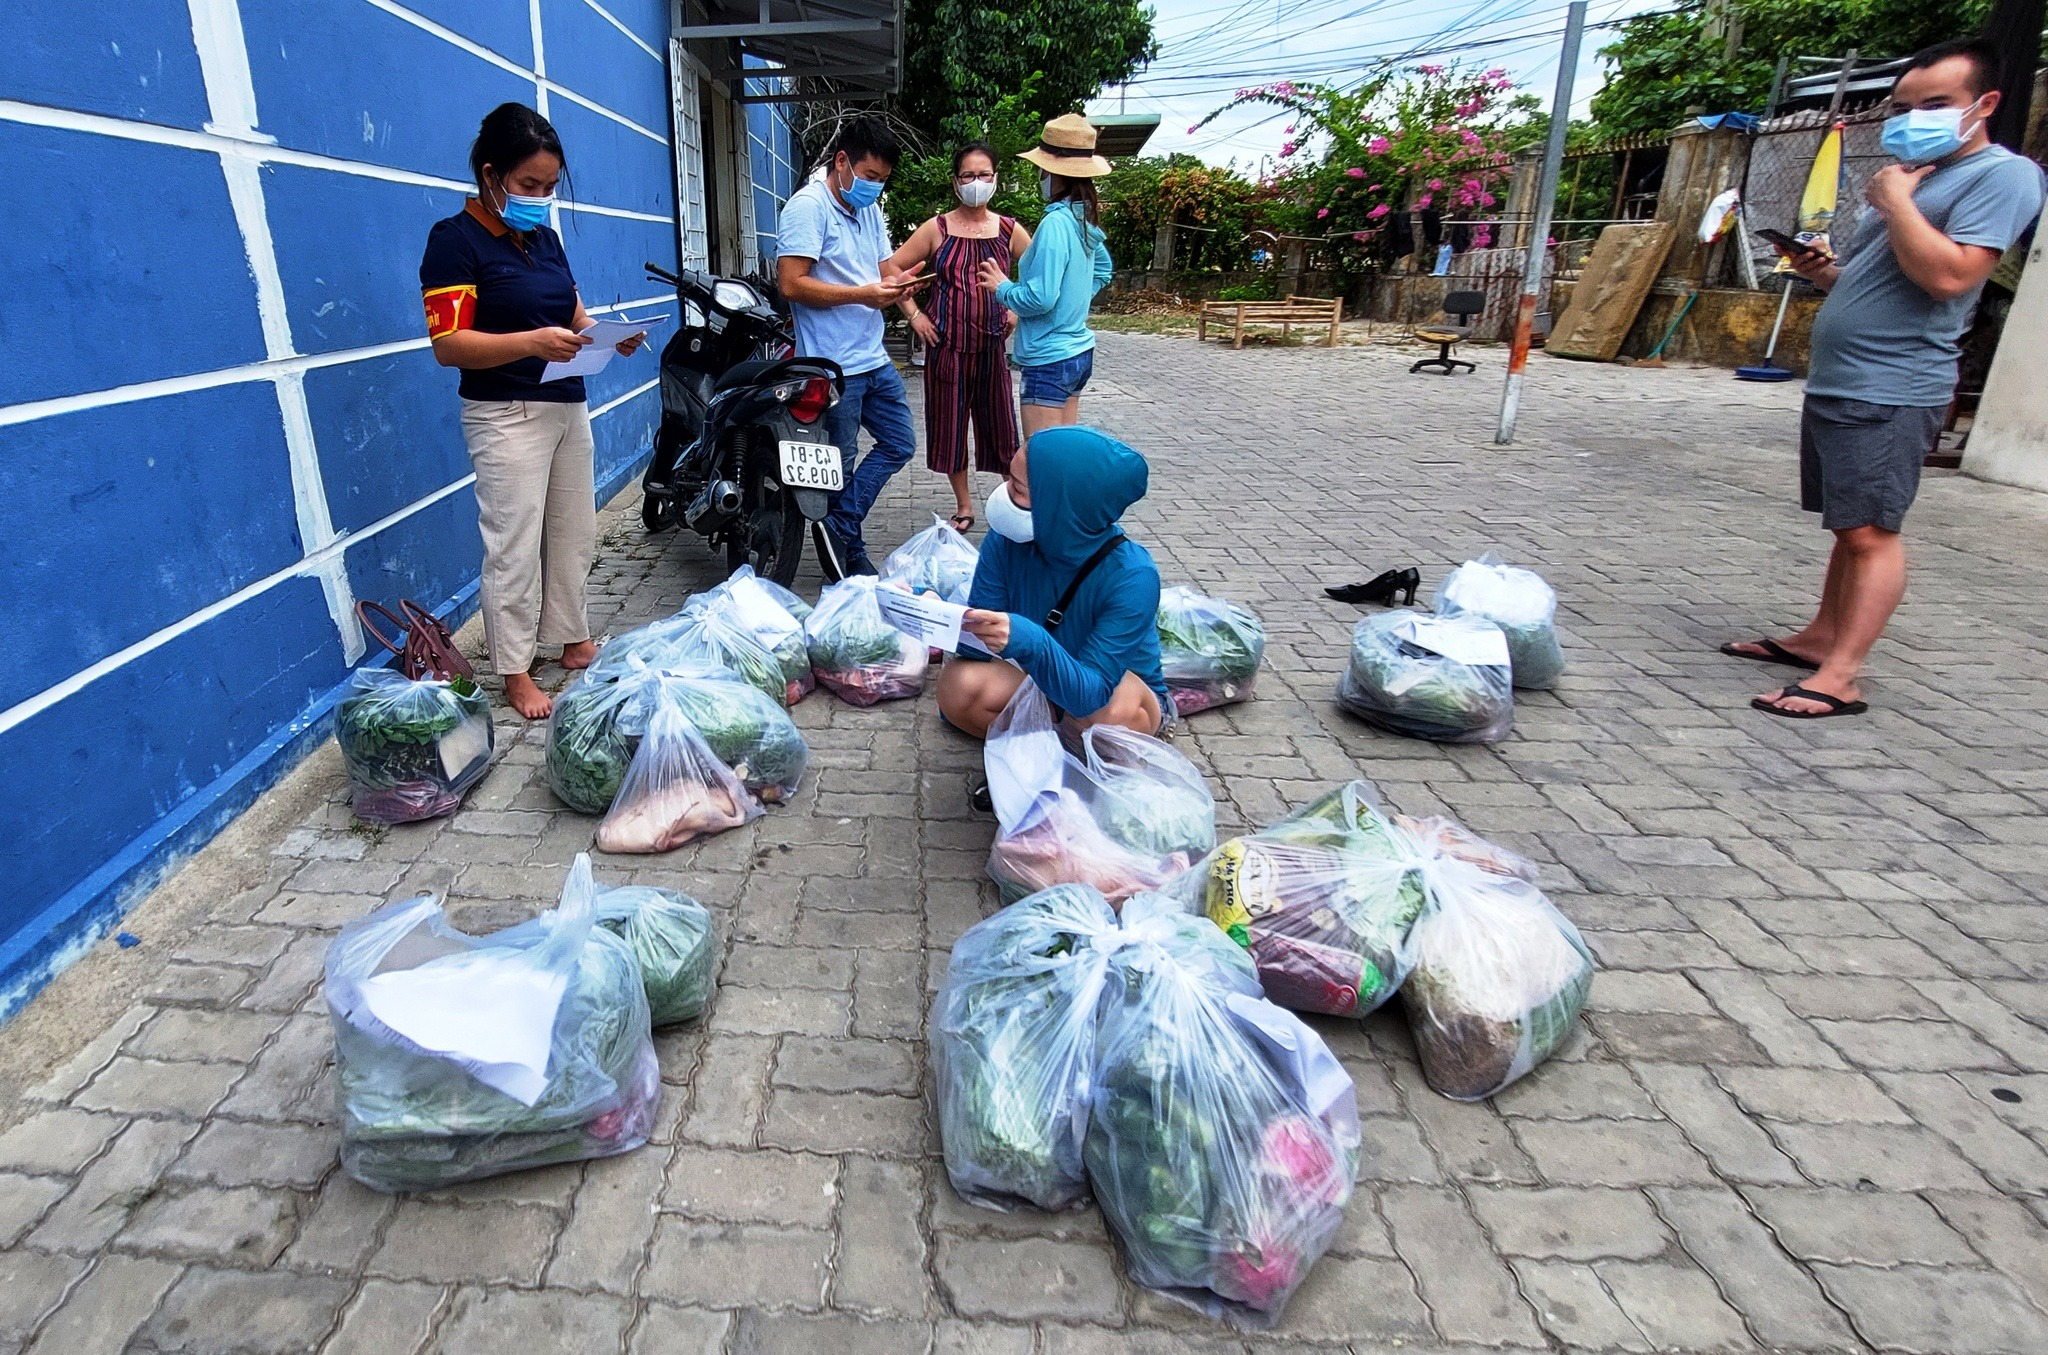 Thành phố phong tỏa, người dân Đà Nẵng đặt mua qua phần mềm Đăng ký thực phẩm